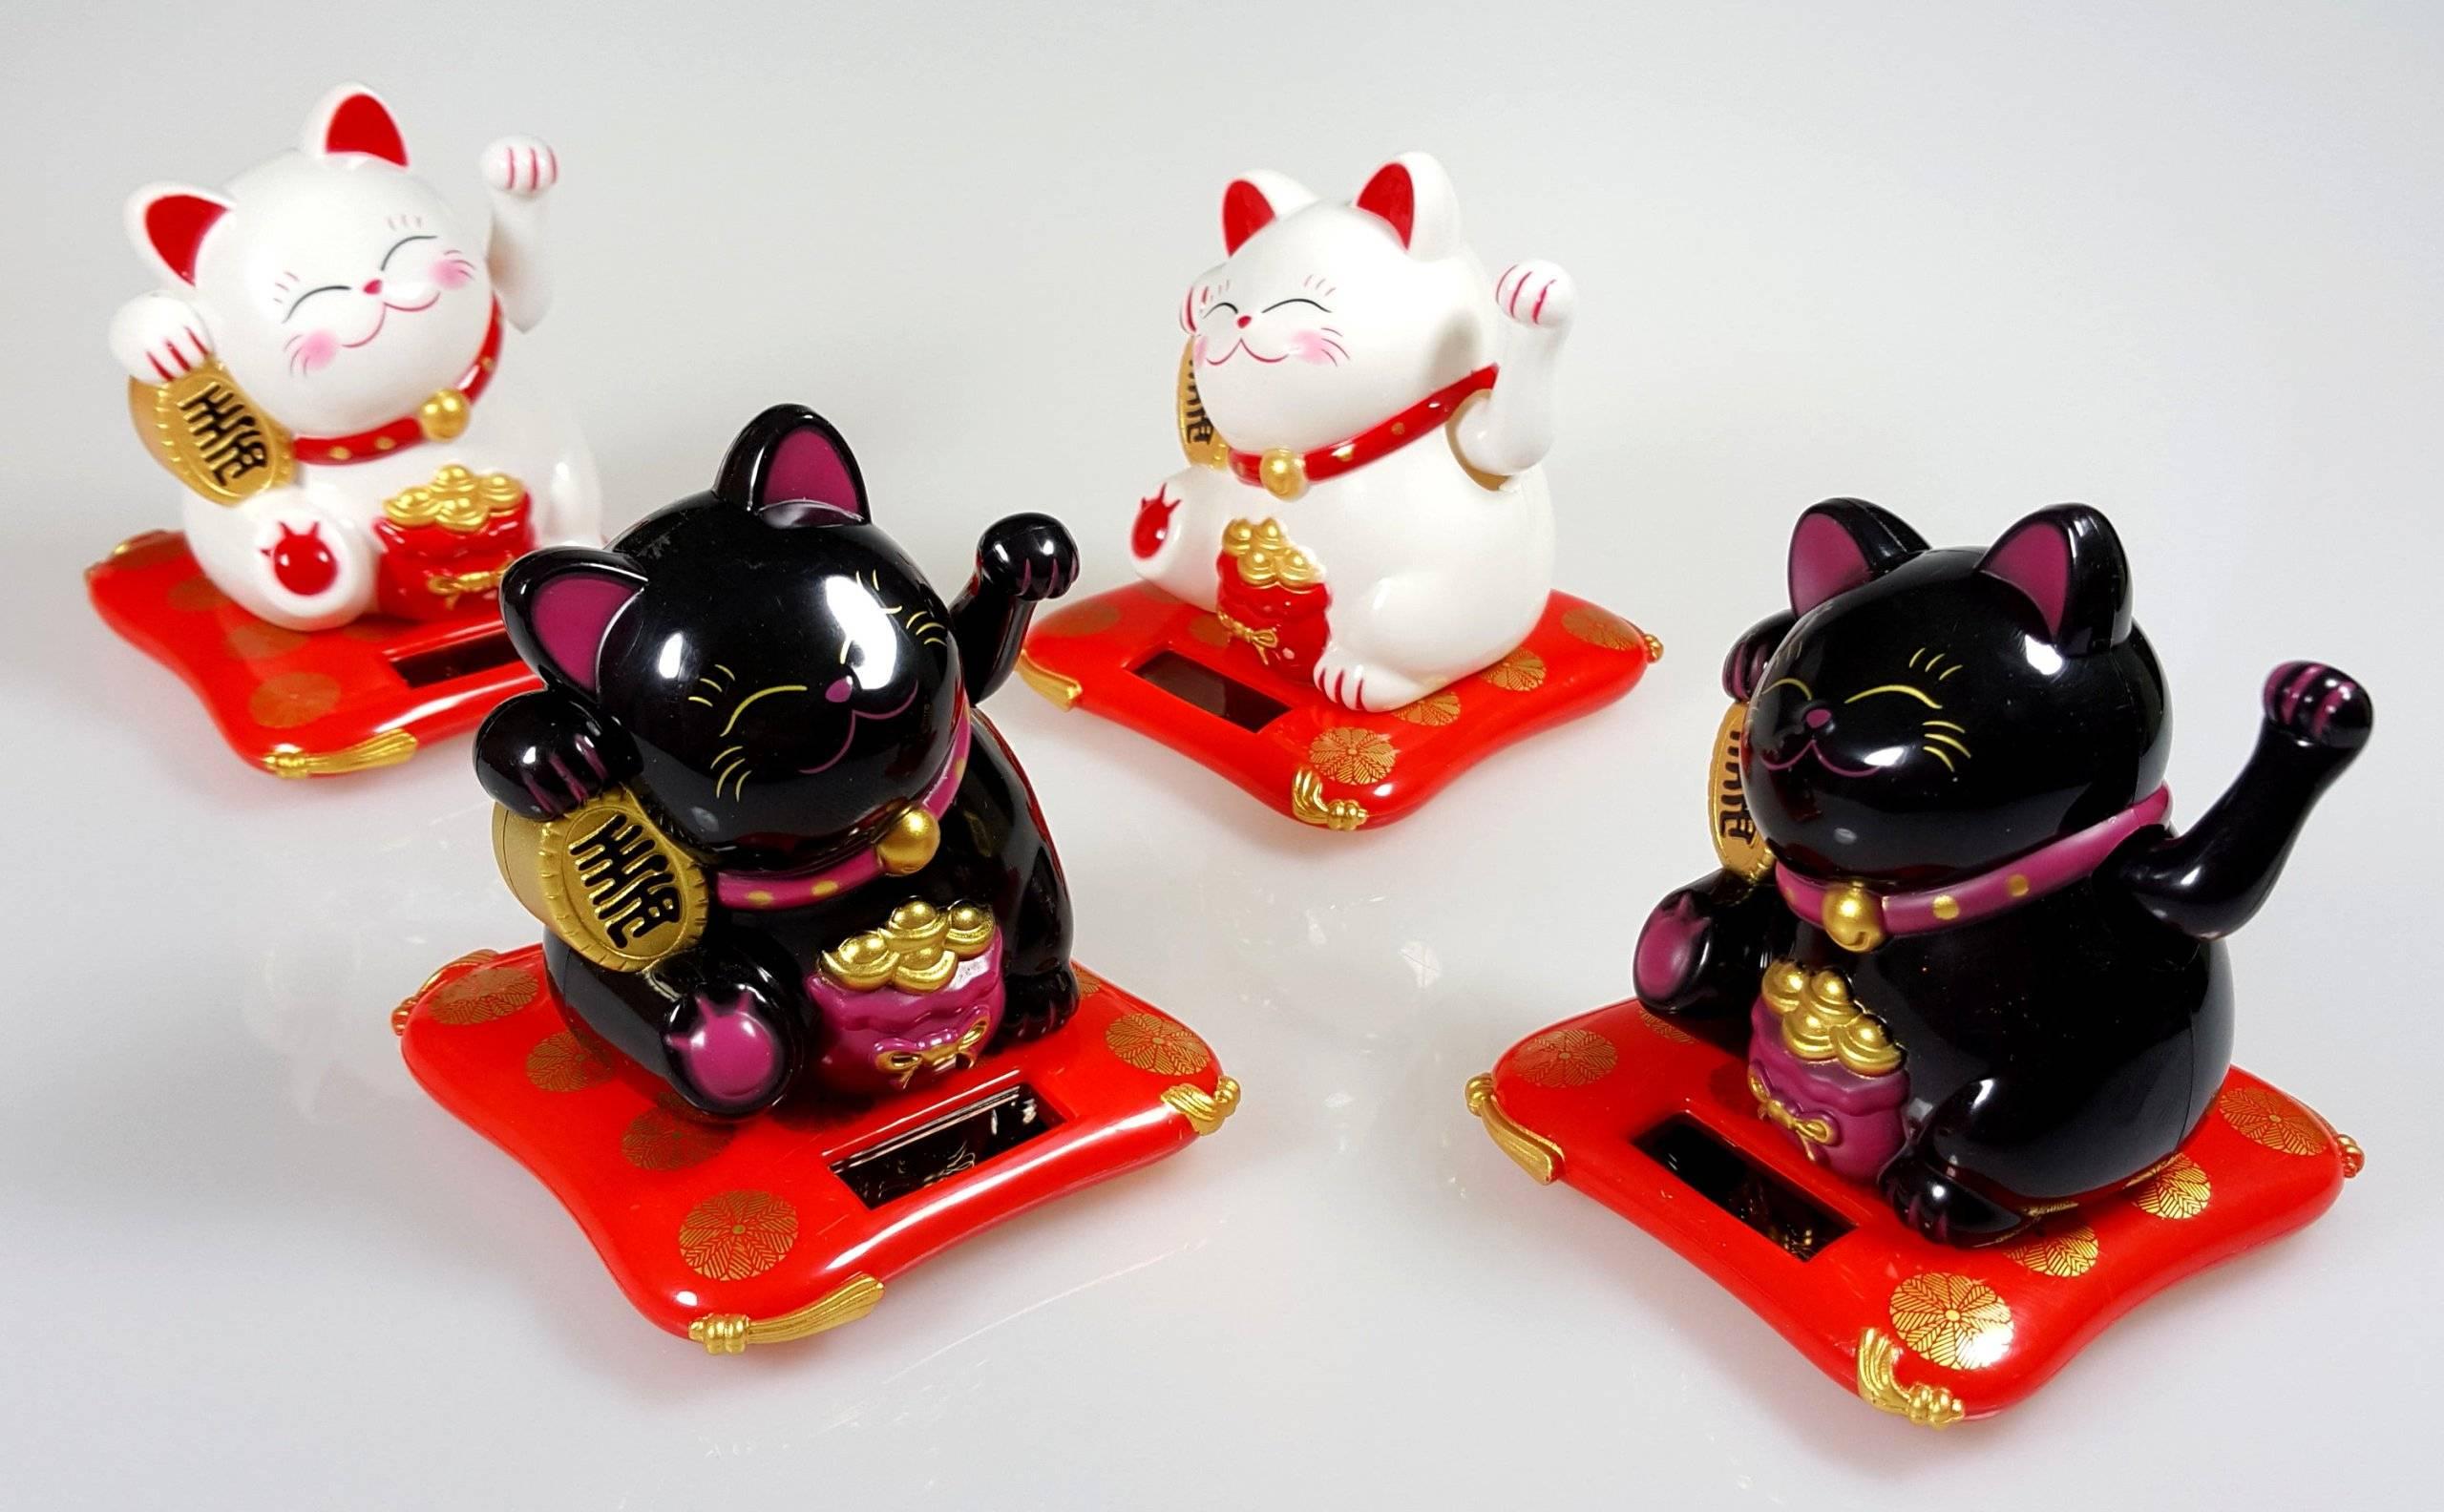 Манэки-нэко. легенды и значение талисмана. манеки неко - «золотой кот манэки-нэко машет лапкой, приносит деньги и удачу. моя история и размышления